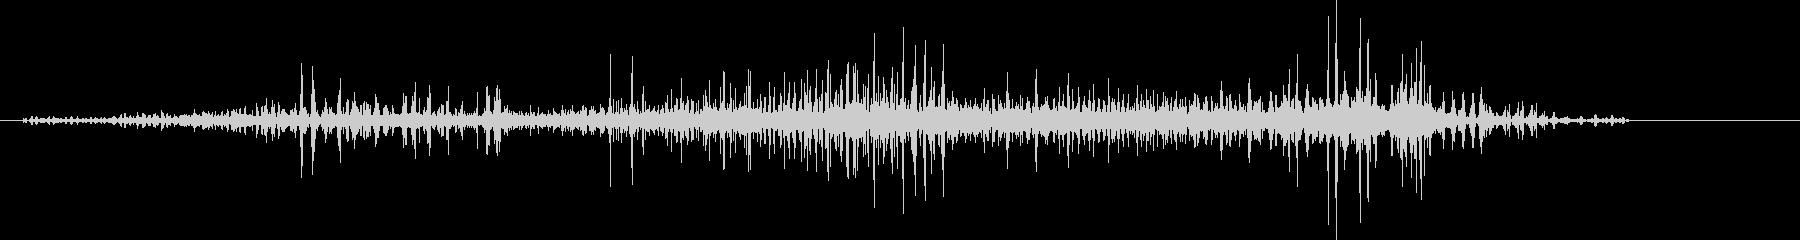 【SF】機械 奇妙な音_02の未再生の波形